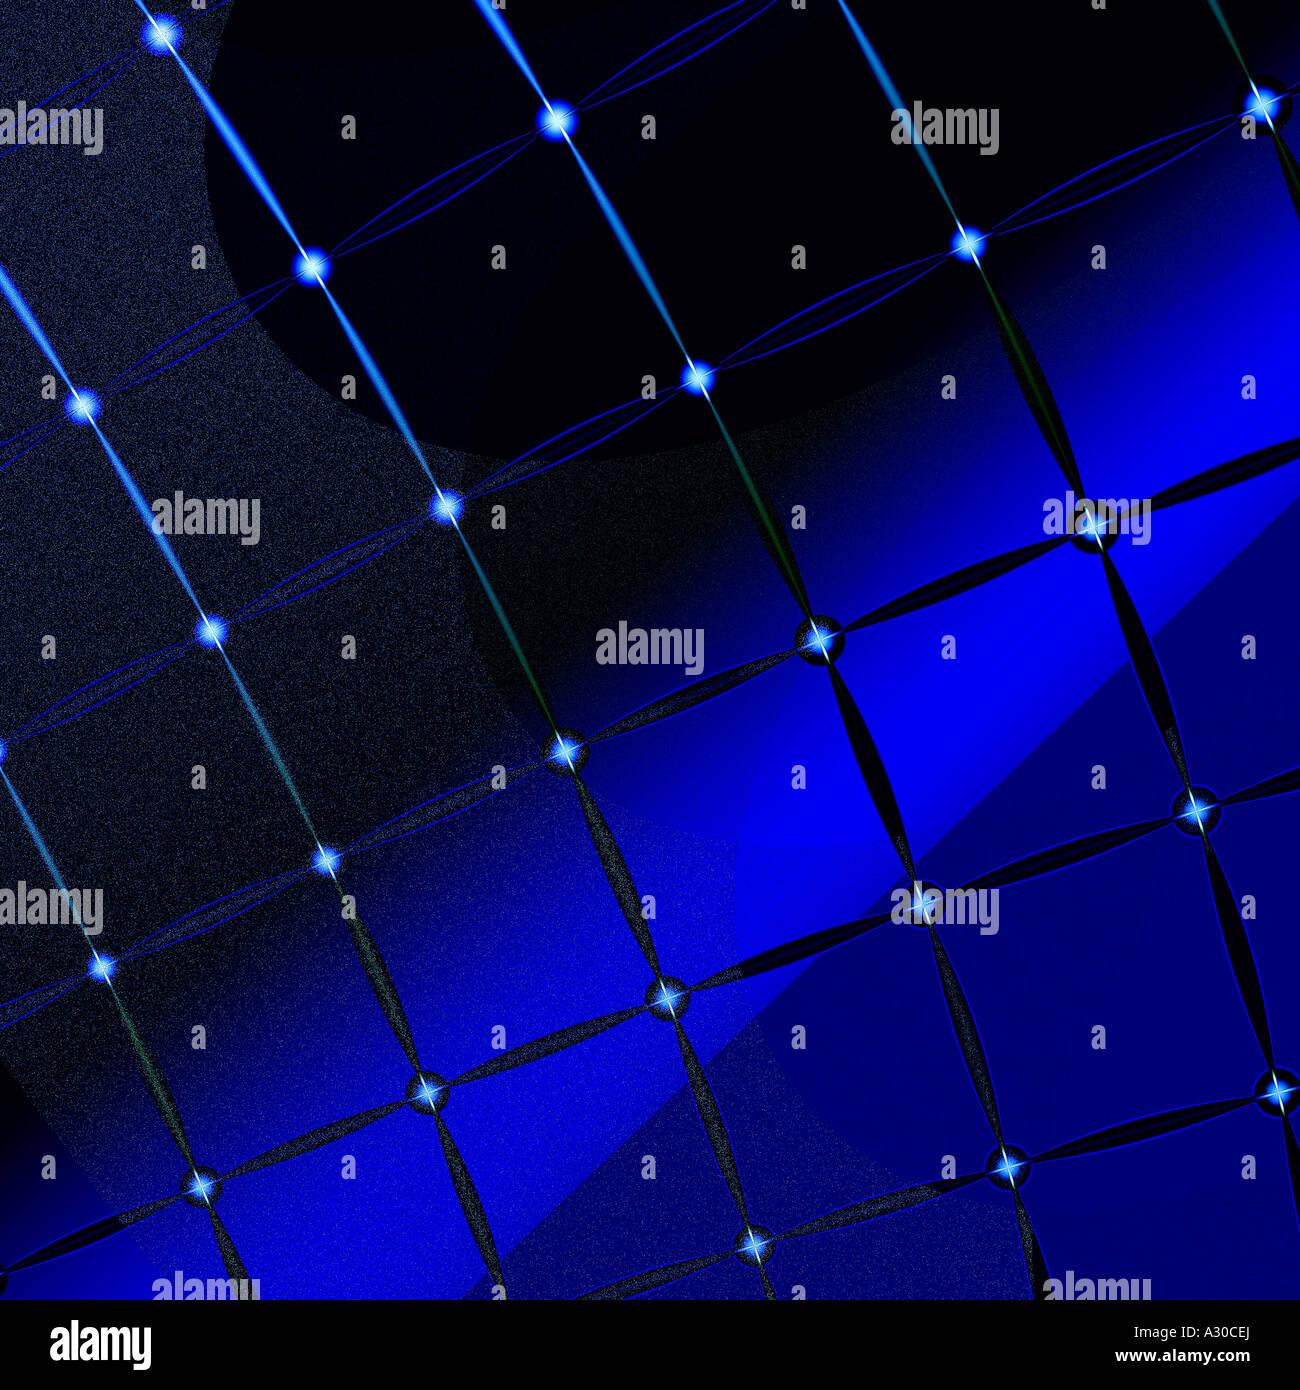 Computergenerierte Fraktalbild elektrische Strom Illusion Rhythmus Symmetrie durch unwirkliche gekreuzten Hintergrundbeleuchtung Stockbild